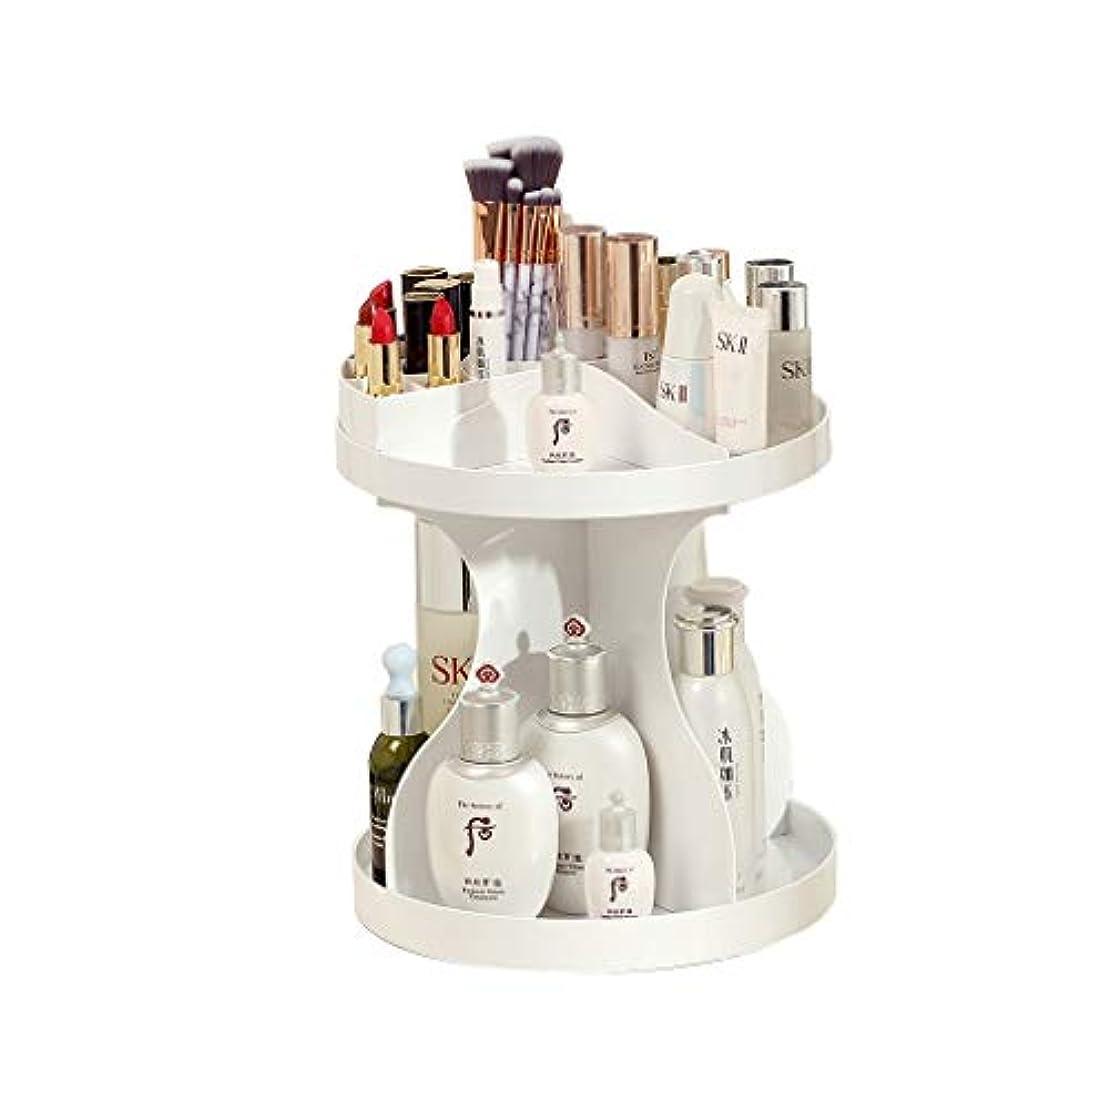 時計回り風が強い専ら寮ロータリー化粧品収納ボックスシンプルな棚バスルームドレッサー収納ボックス (Color : White)